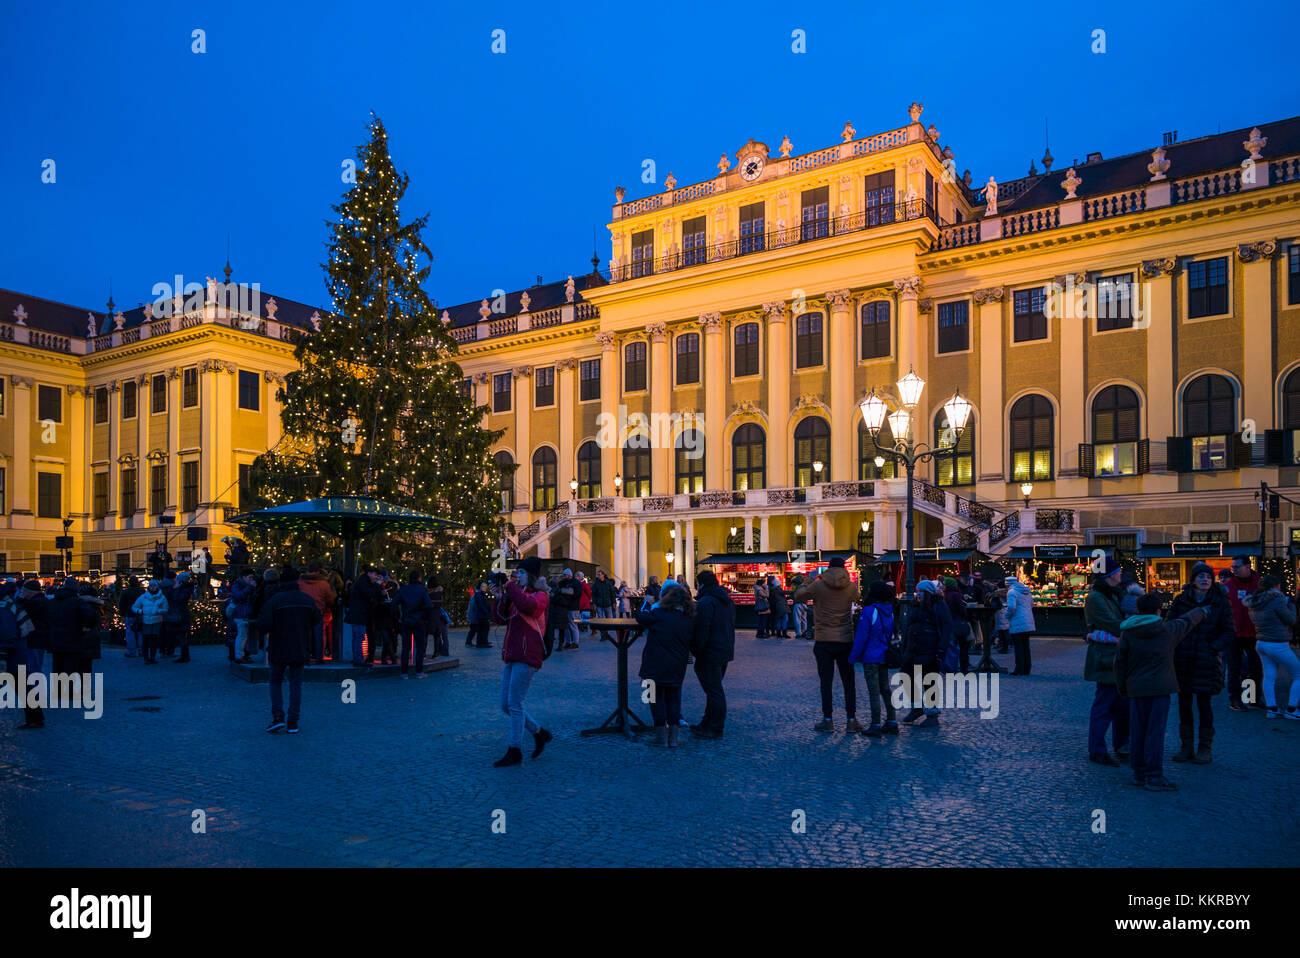 Austria, Vienna, al Palazzo di Schonbrunn, mercato di natale, sera Immagini Stock